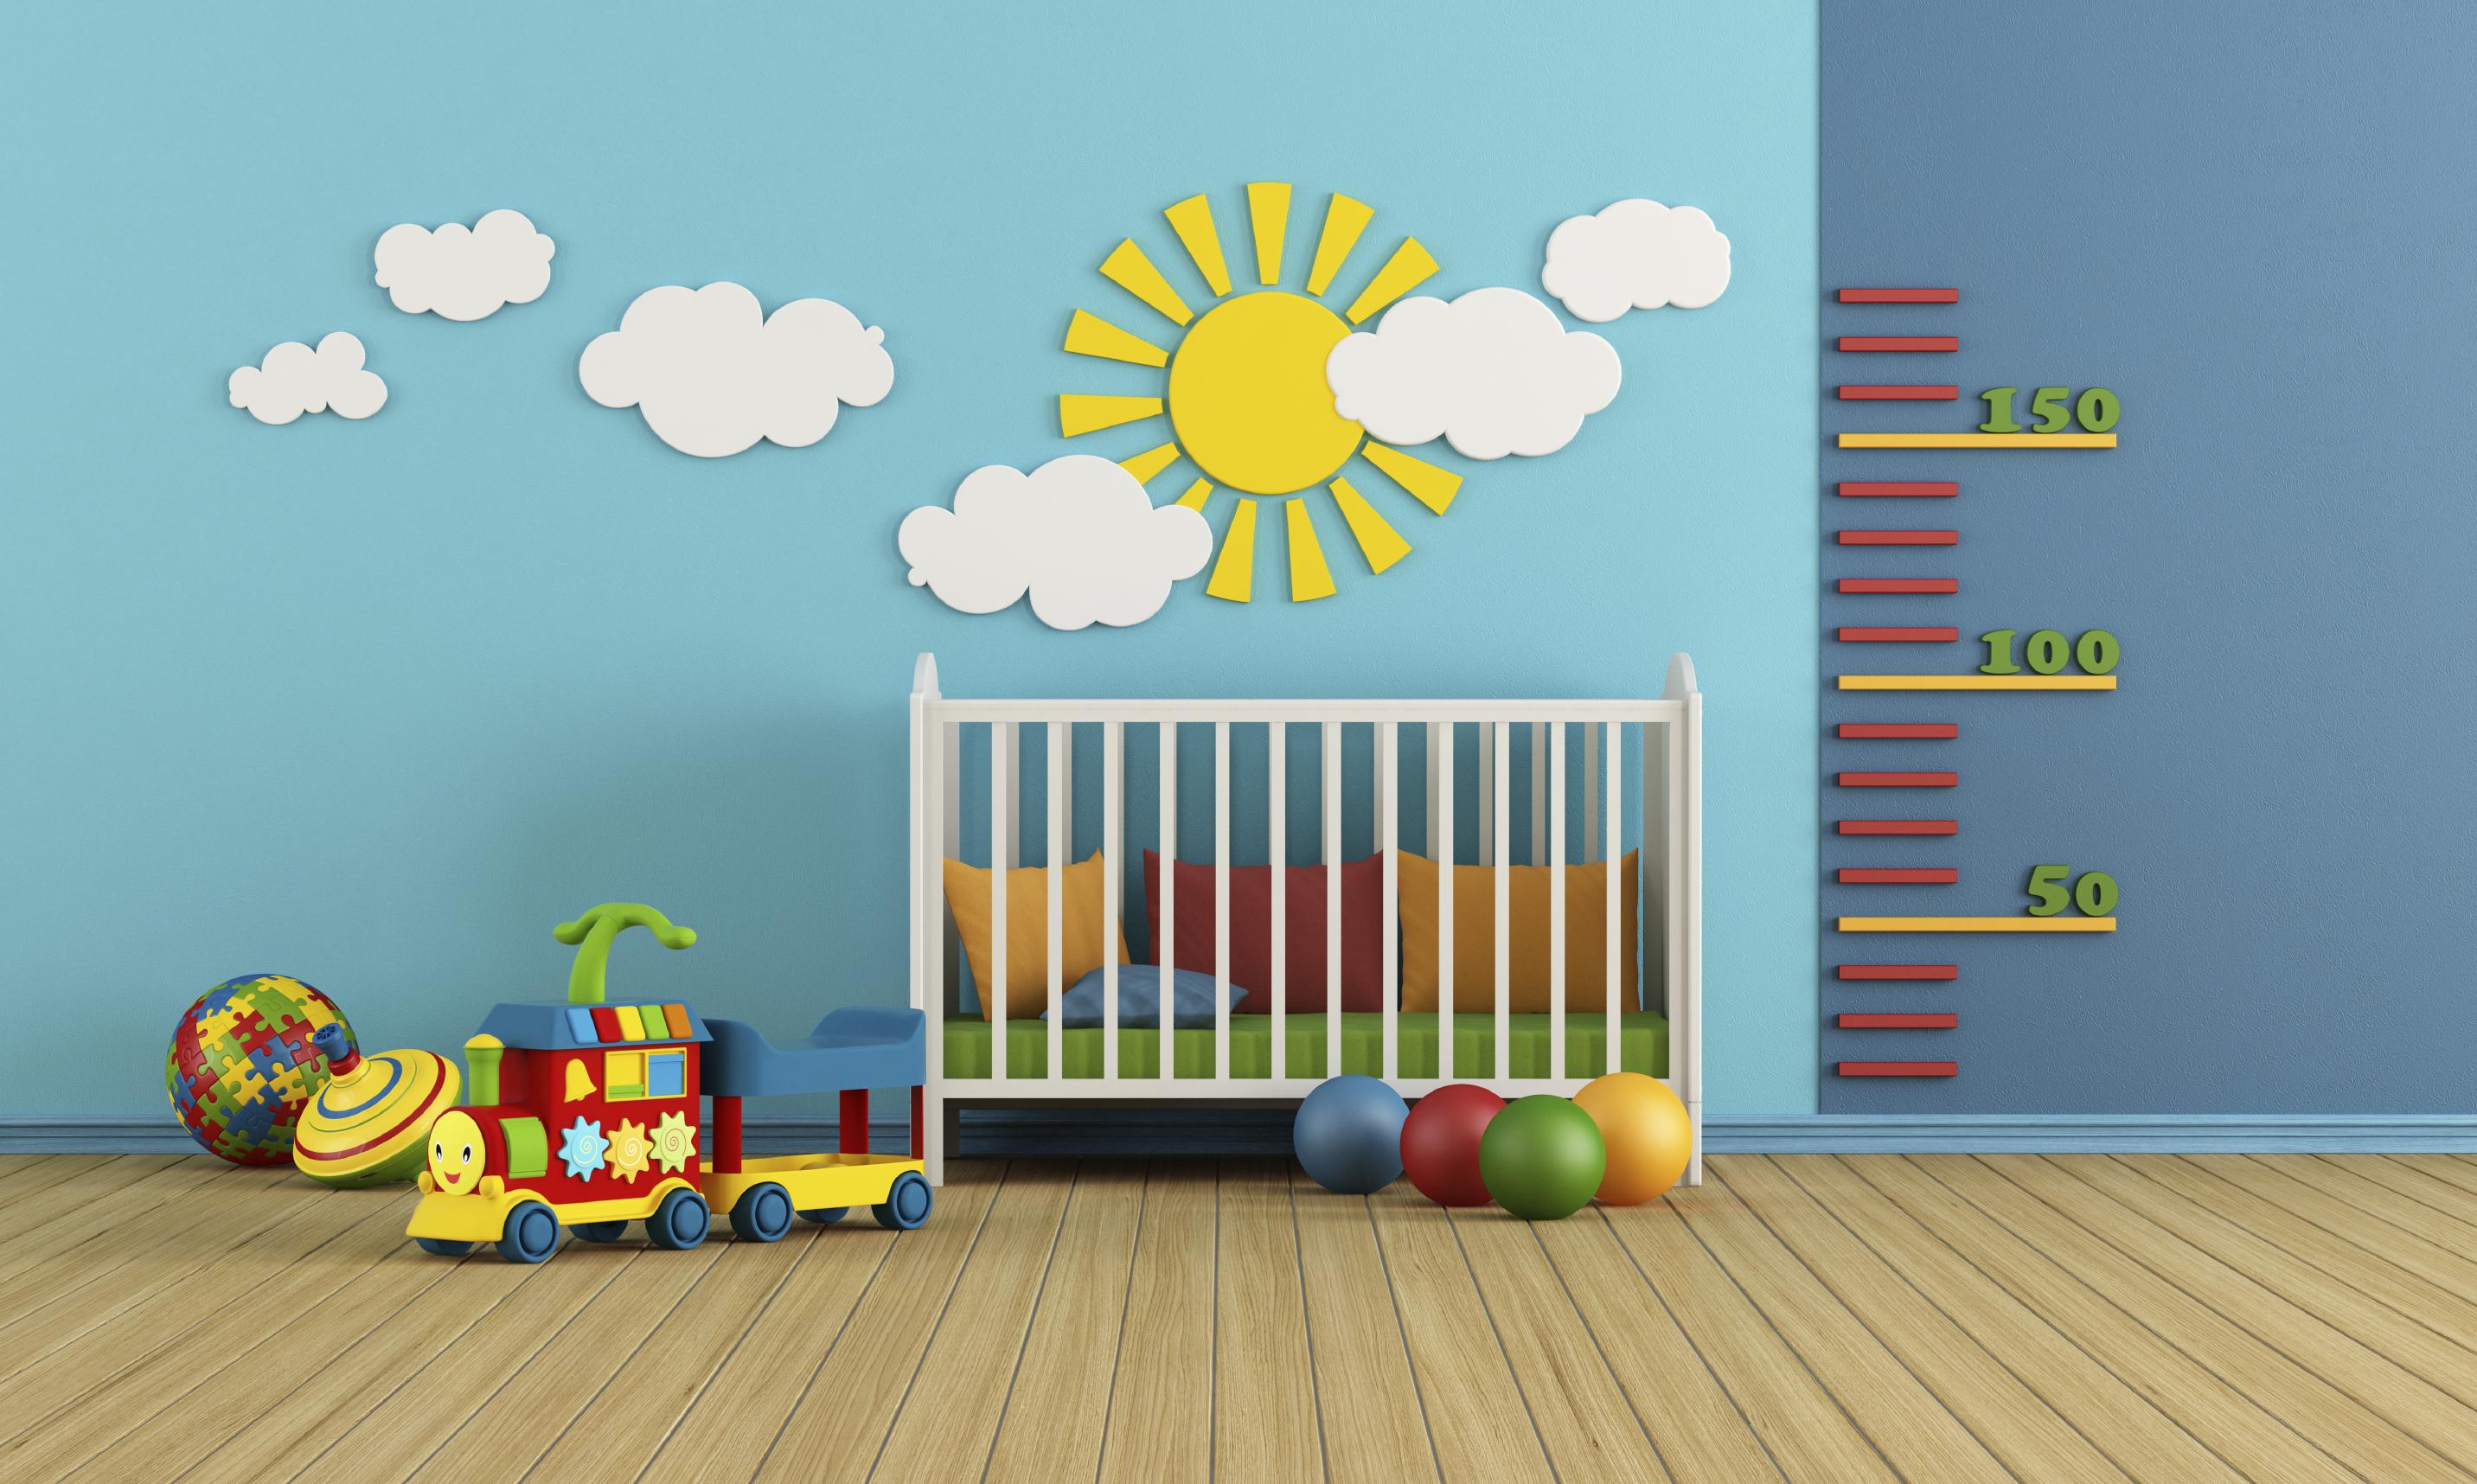 Le feng shui dans la chambre d enfant for Feng shui lit enfant